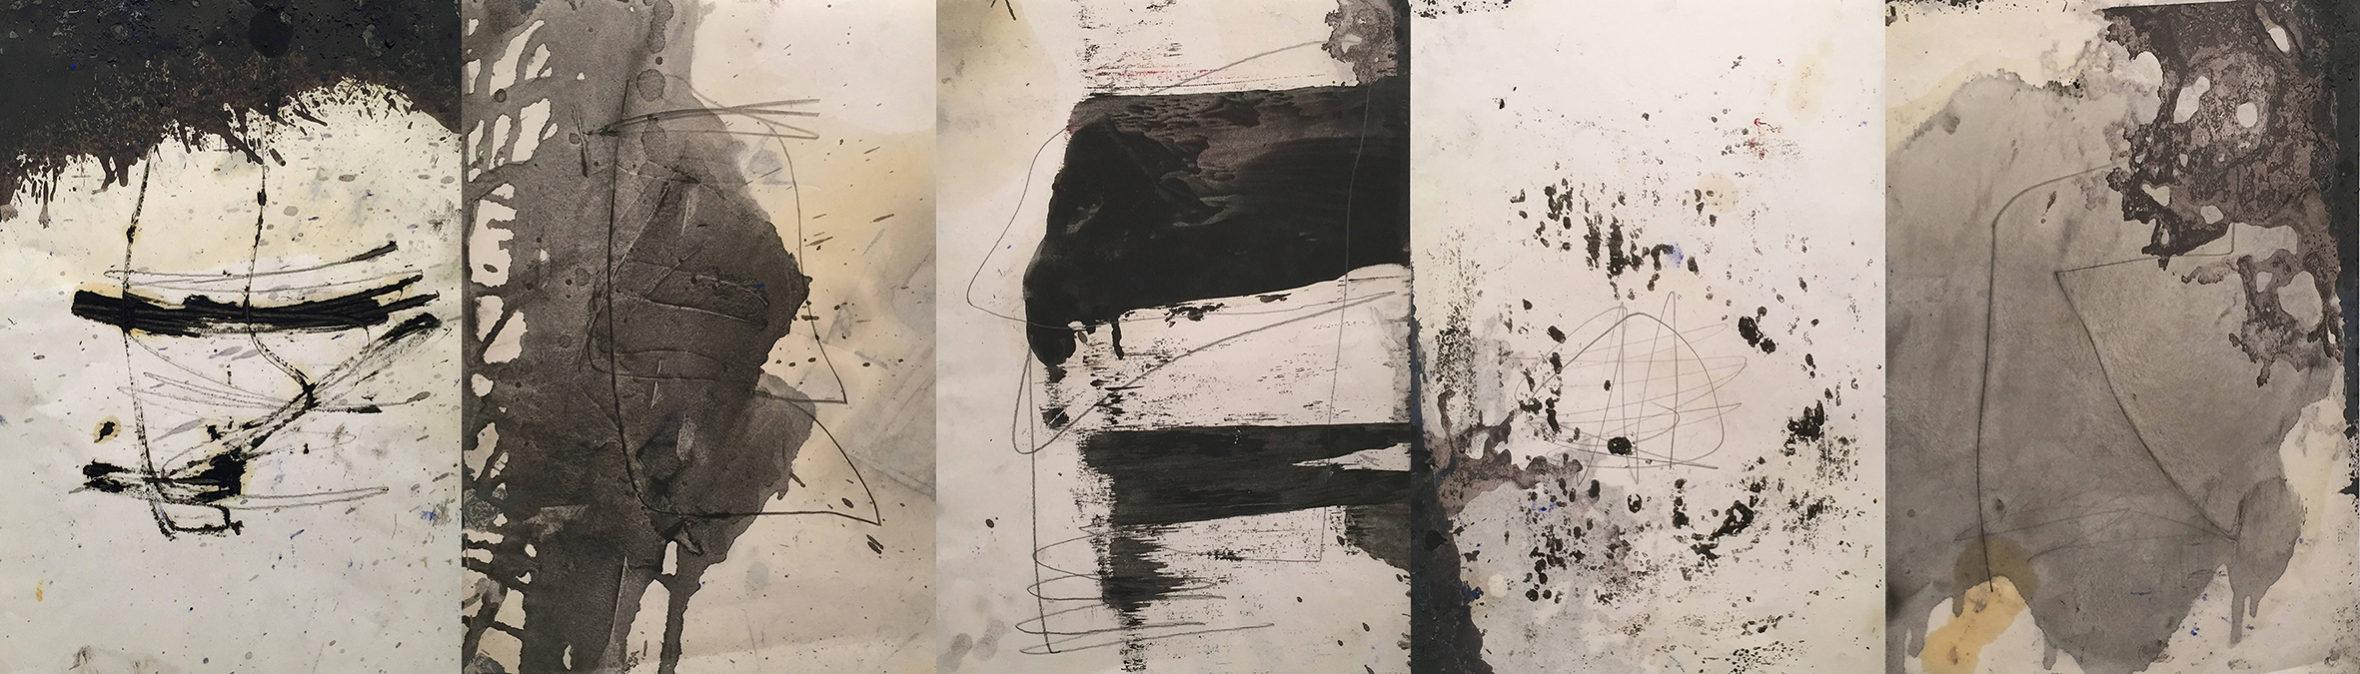 MARC FELD 2012 FALAISES Huile et mine de plomb sur papier 105 x 30 cm